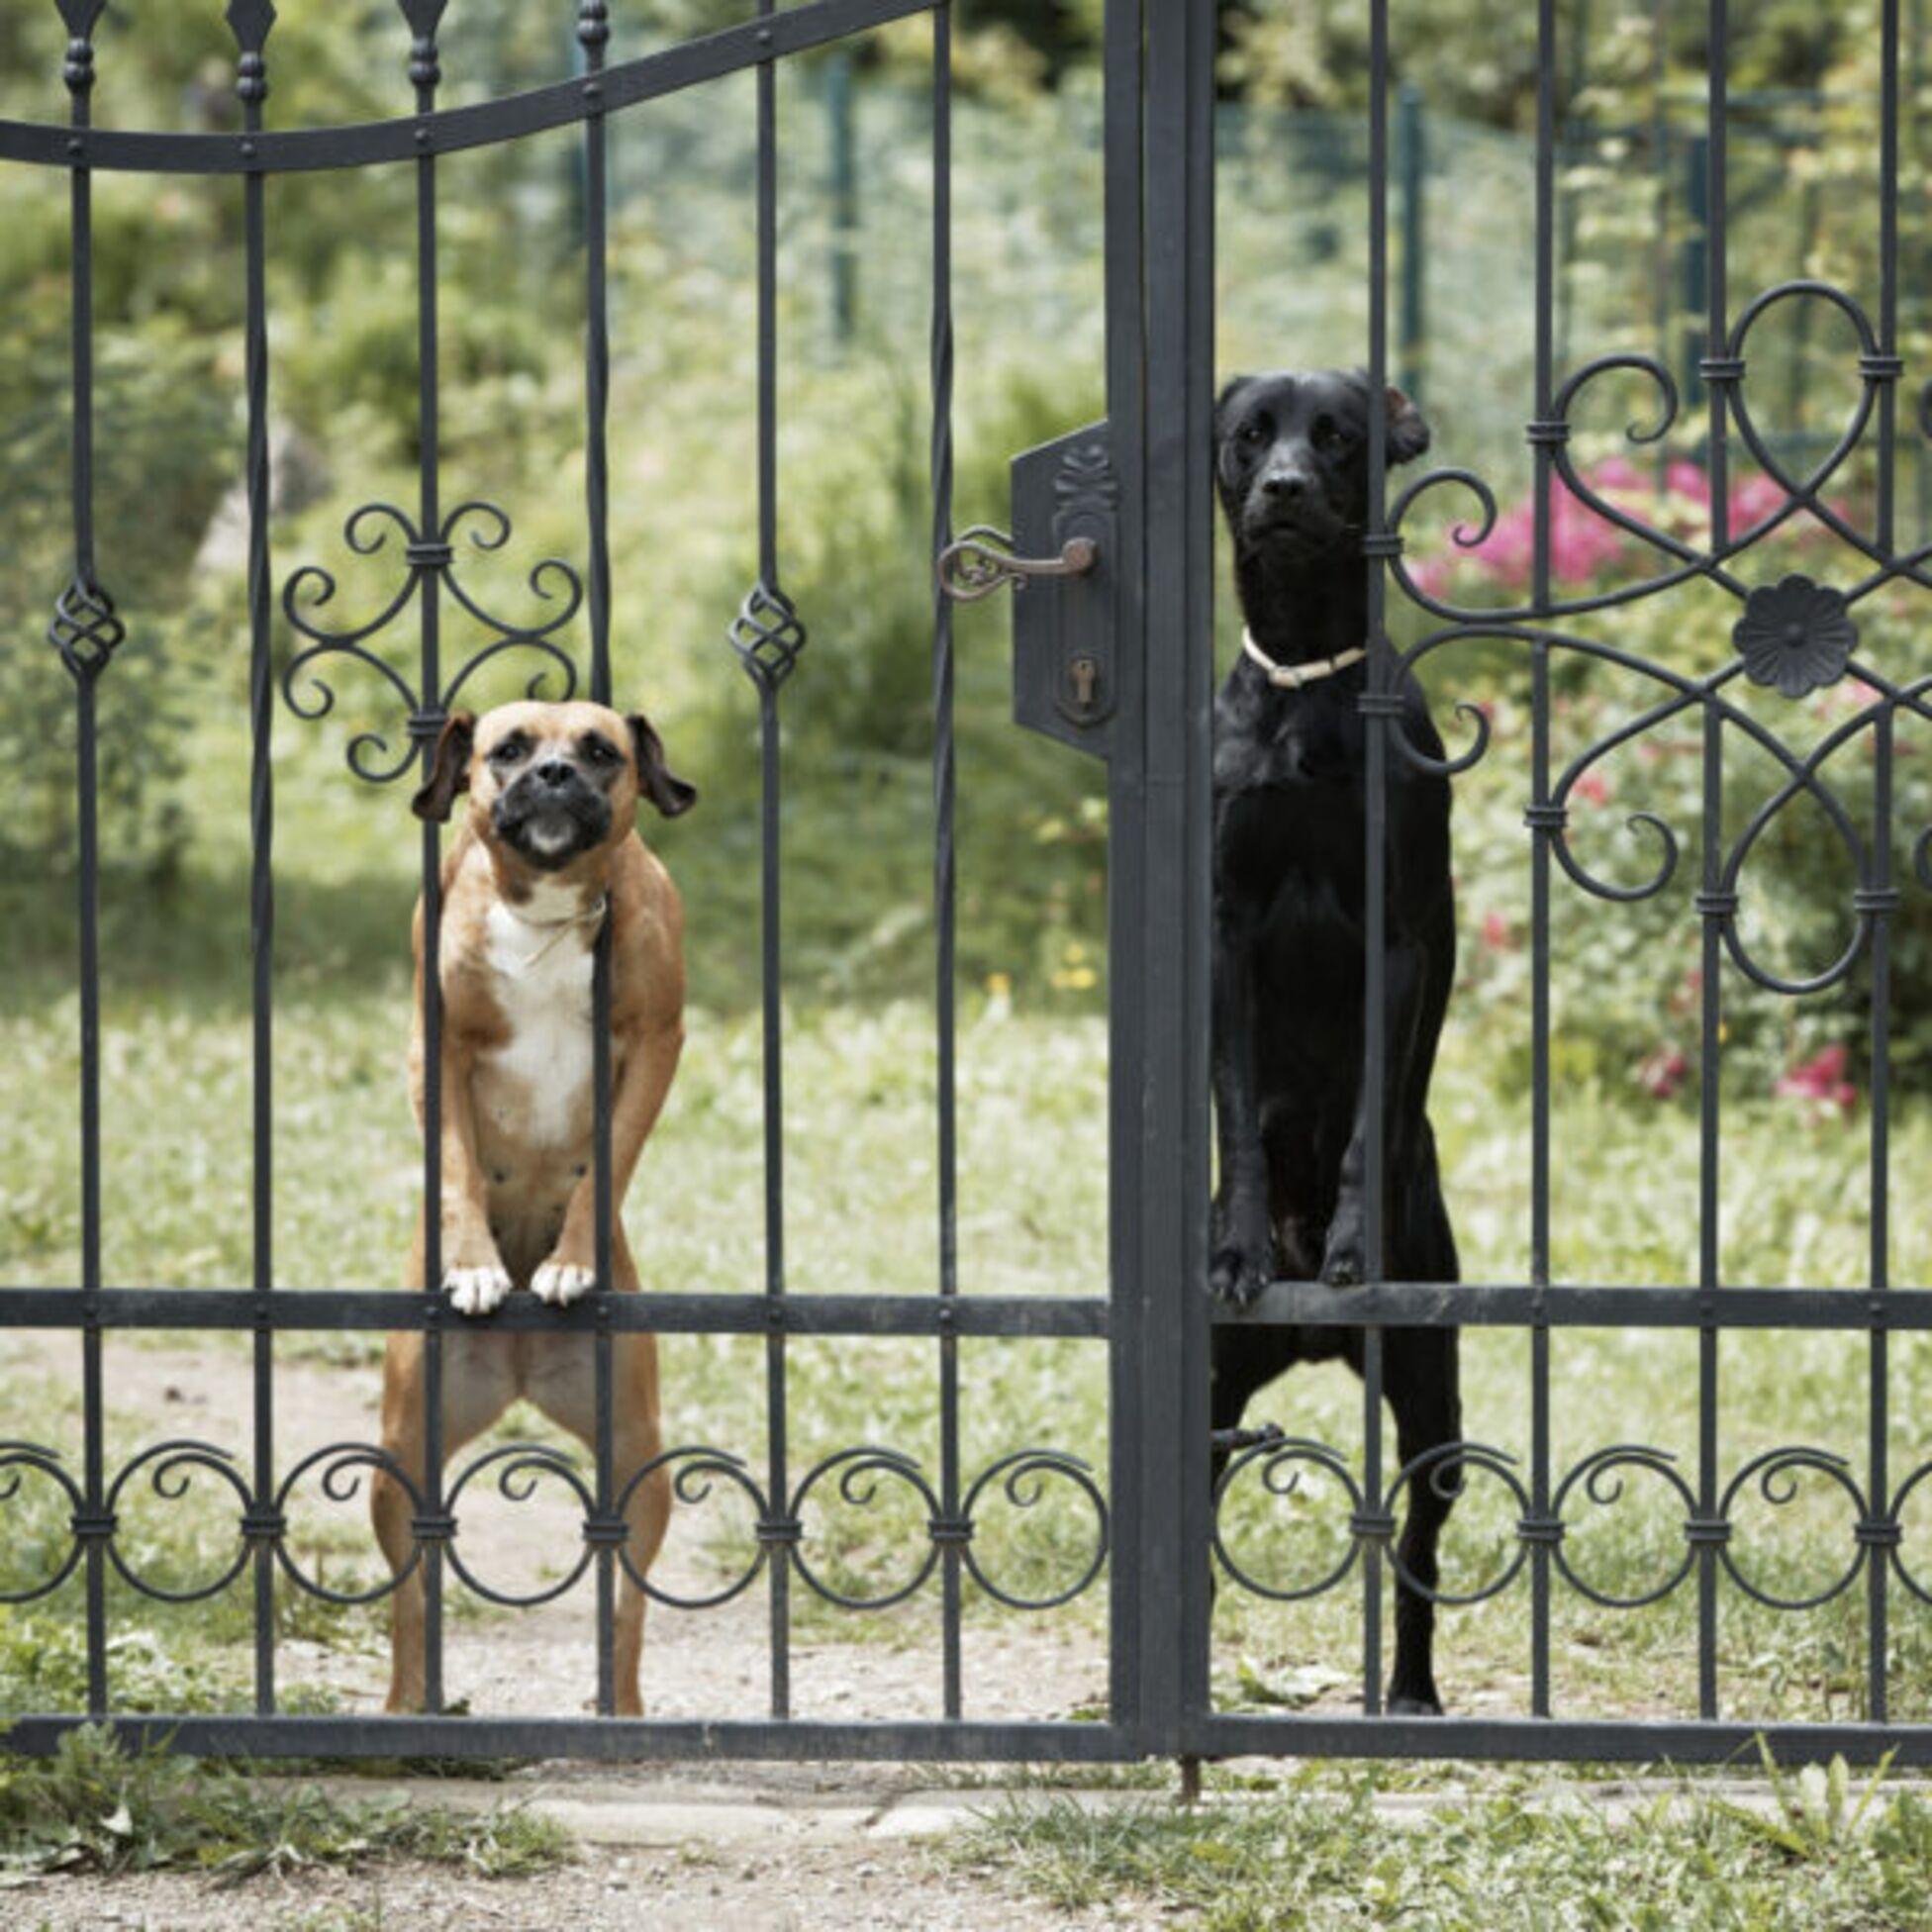 Zwei aufmerksame Wachhunde hinter einem hohen Eisengitter